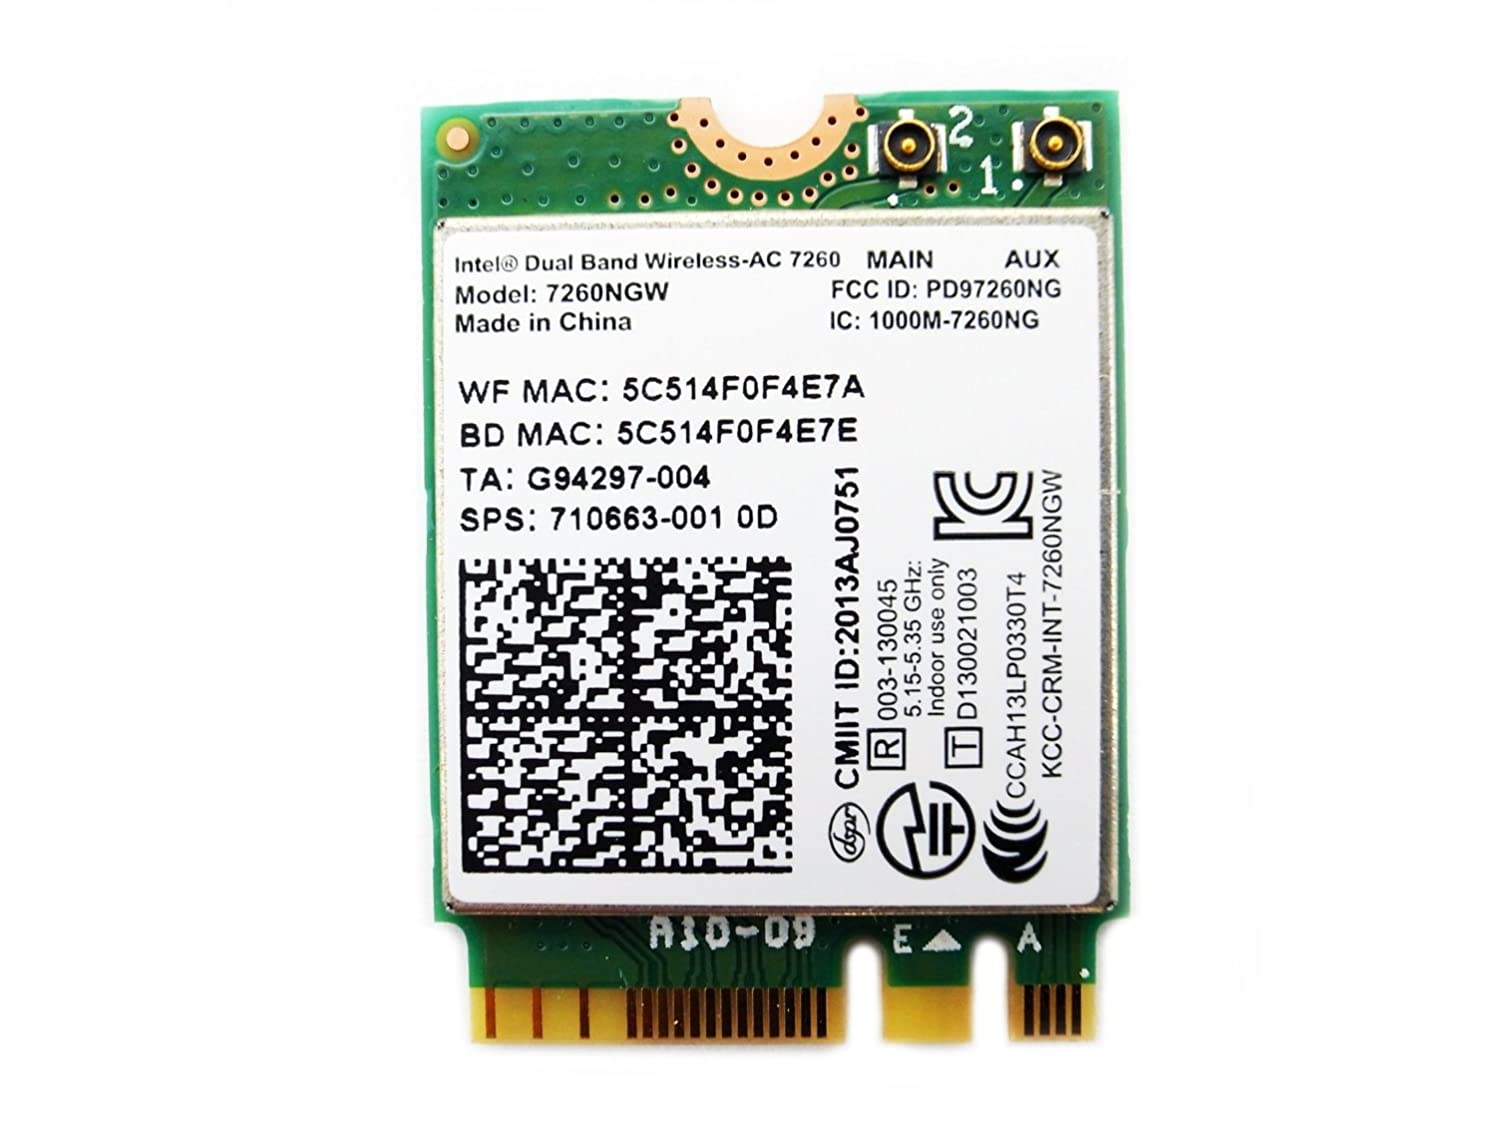 ウィザード悲観的浸漬Intel デュアルバンド 高速 Wi-Fi 通信Band Wireless-802.11 AC Intel 7260NGW (NGFF) 最大リング867 Mbps+ Bluetooth 4.0 無線LANカード EnlargeCorp